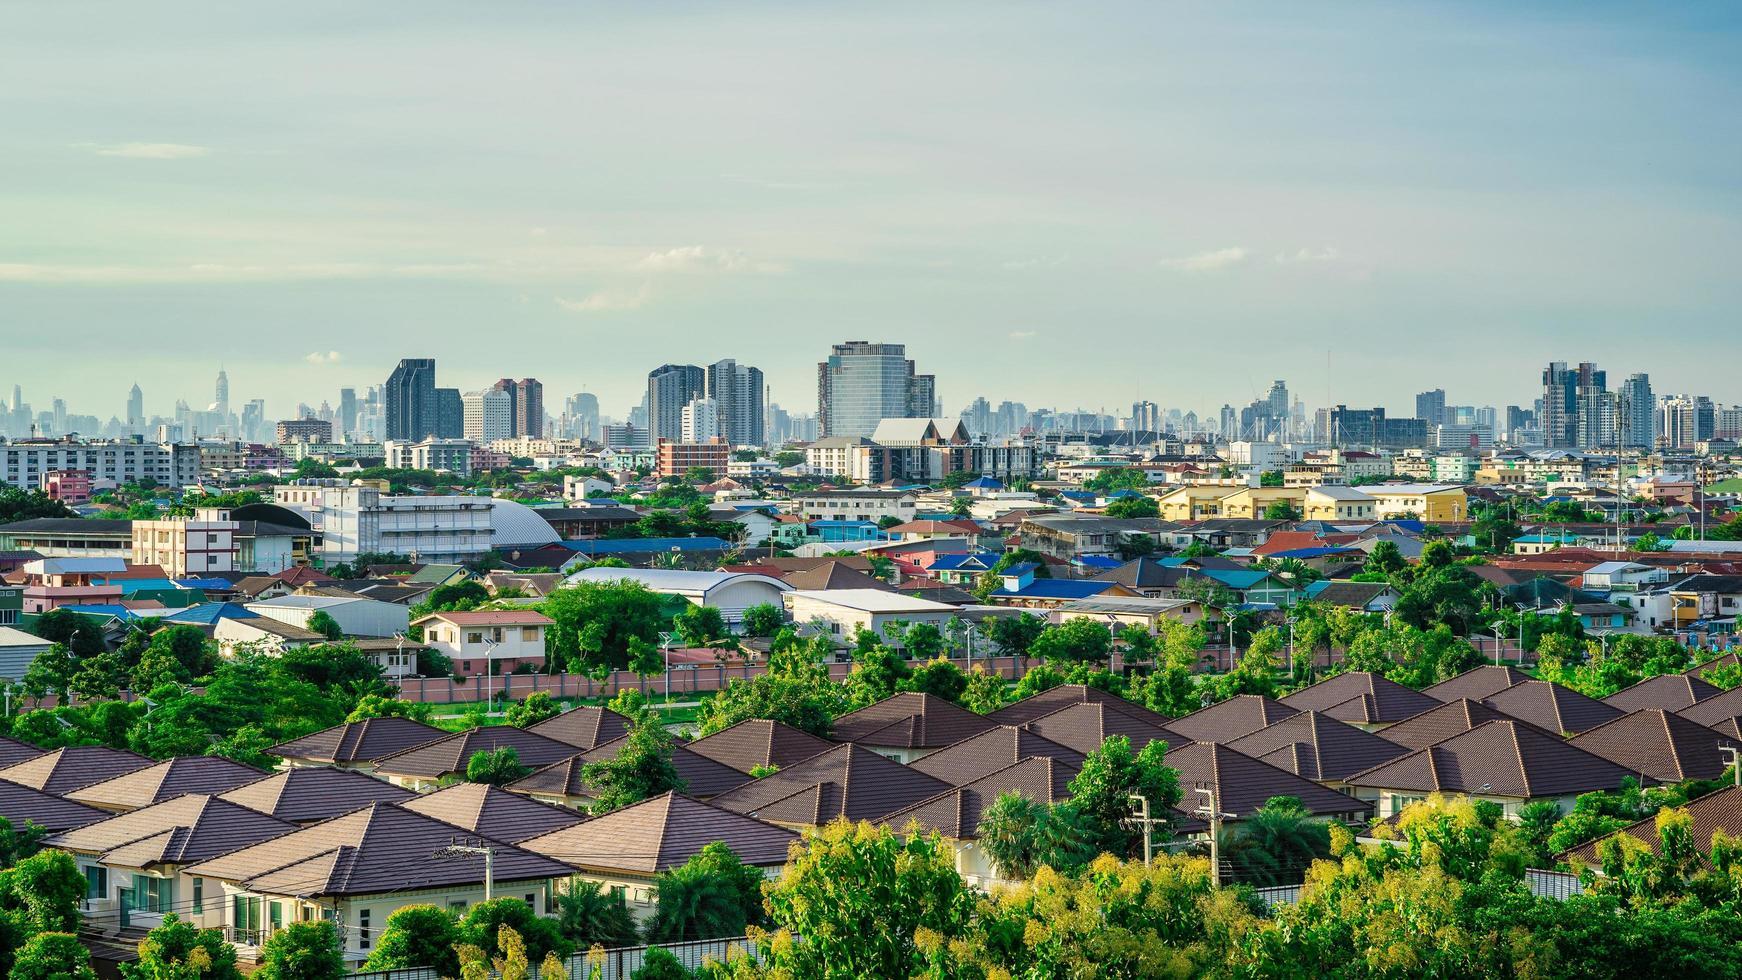 paesaggio urbano e skyline con cielo blu foto